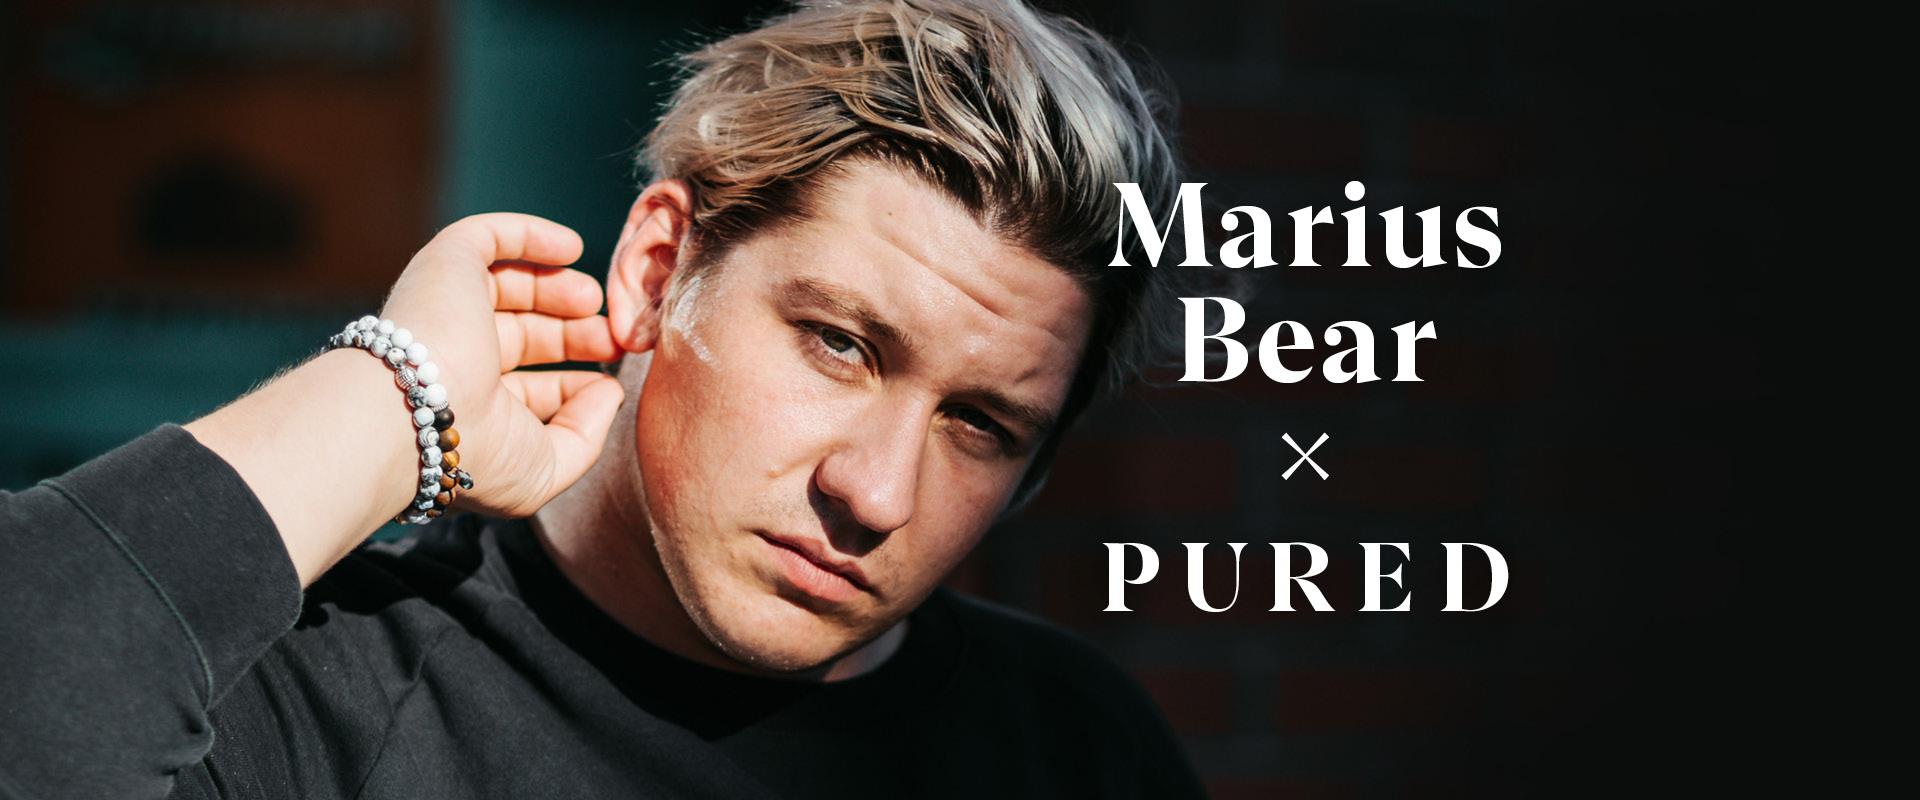 Marius Bear